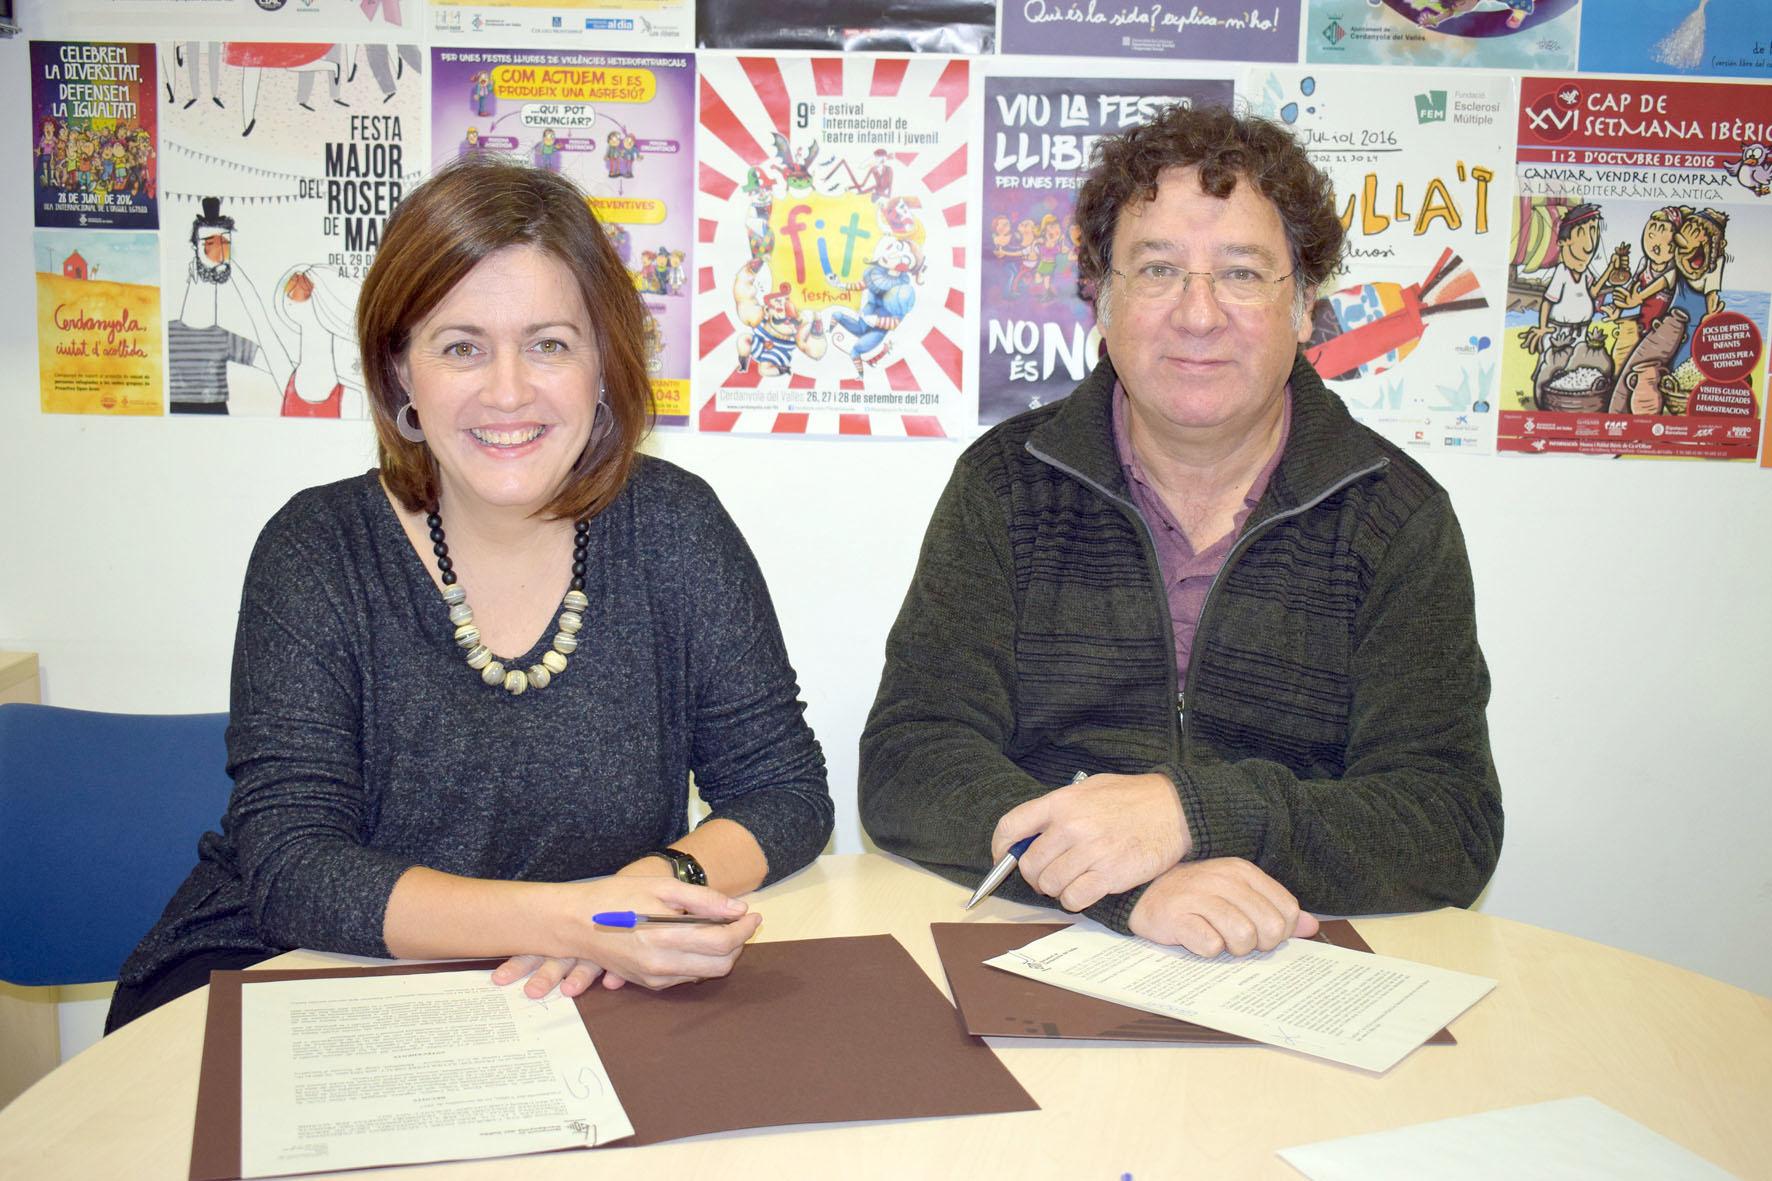 El conveni l'han signat la regidora de Drets Civils, Elvi Vila, i el gerent del C.O. Barcanova-Montflorit, Francesc Xavier Ferré